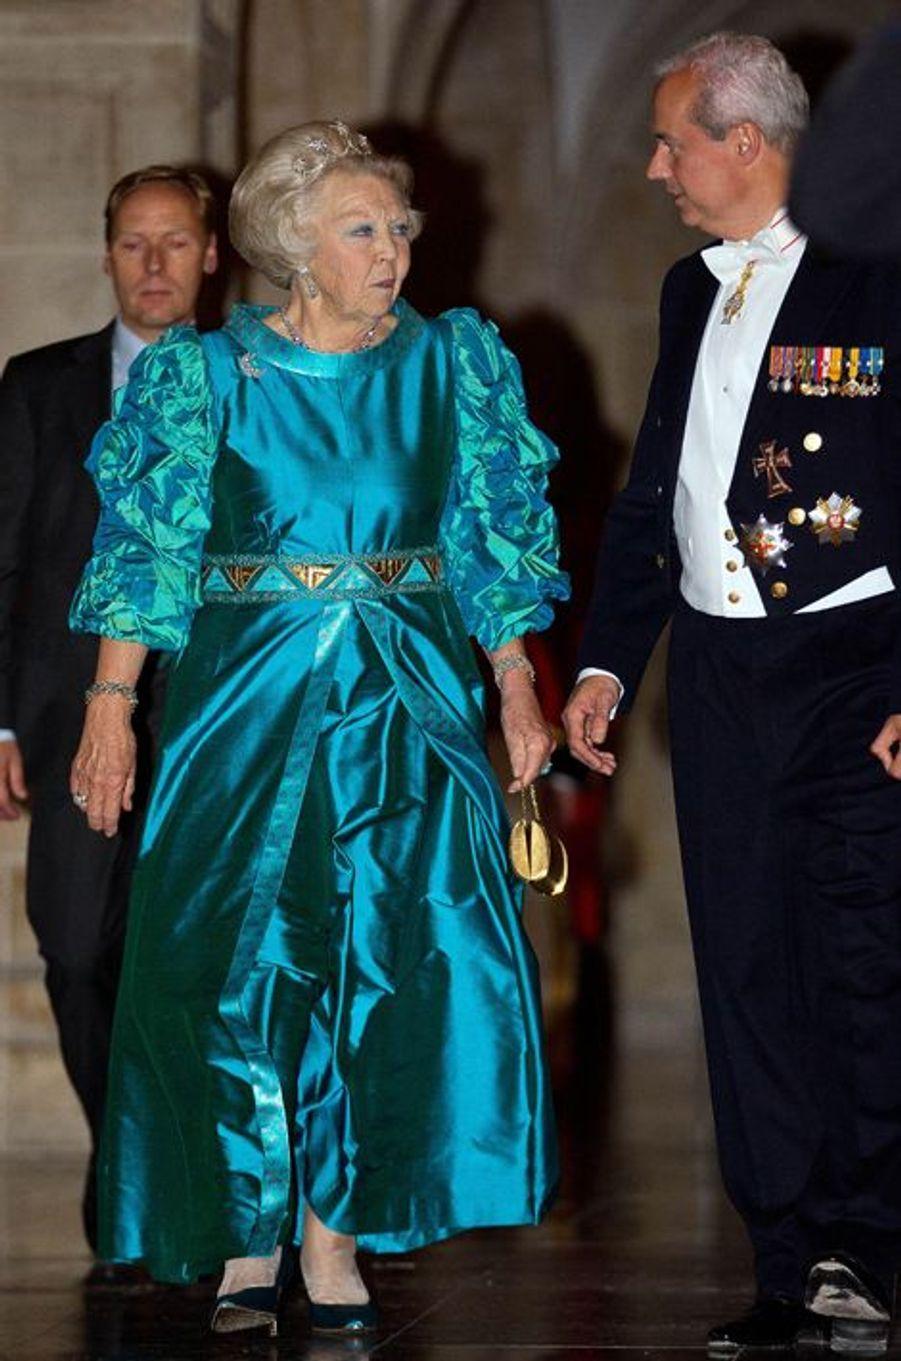 La princesse Beatrix des Pays-Bas après le dîner de gala des diplomates à Amsterdam, le 24 juin 2015